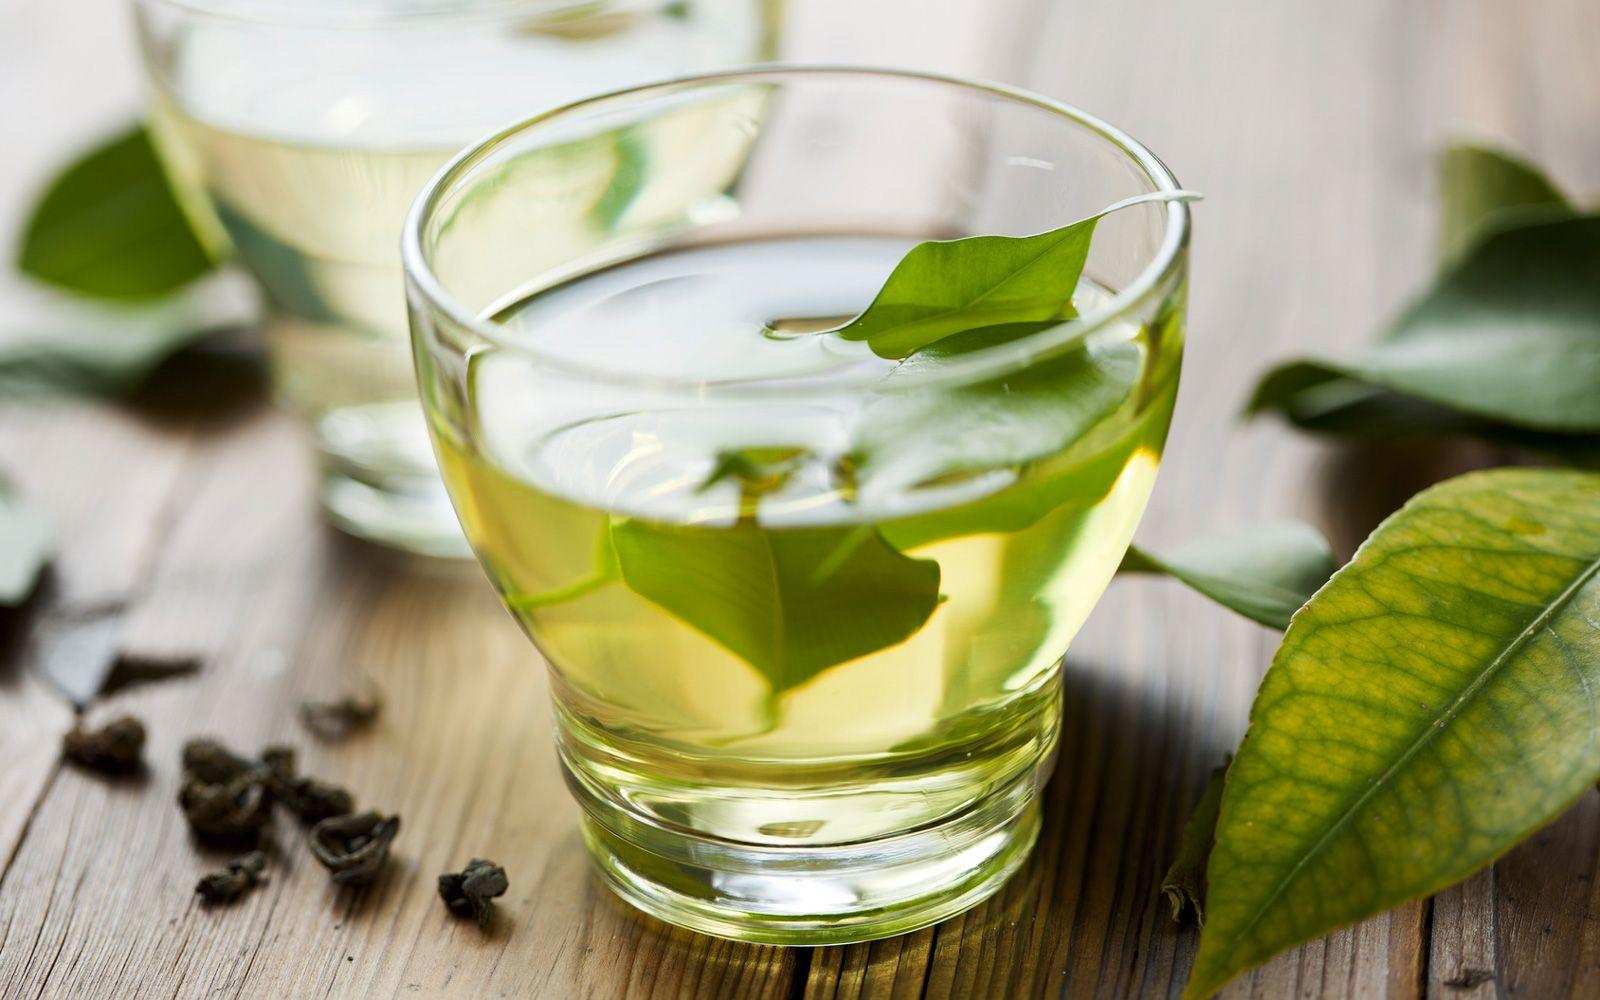 Il tè verde è un valido sostituto di quello nero: ricchissimo di antiossidanti protettivi e antietà, è ottimo anche freddo